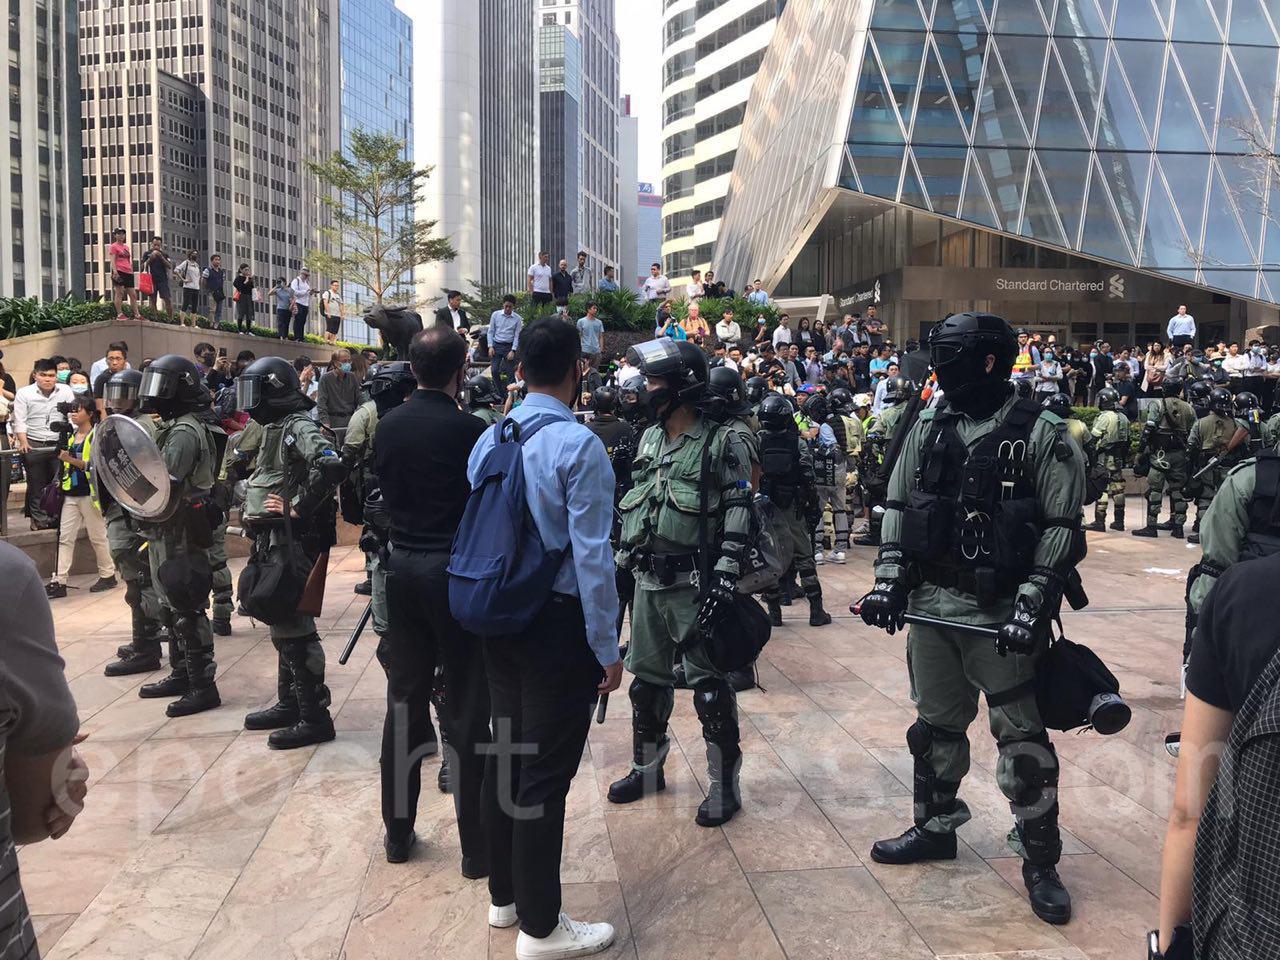 13日午休時間,在中環大批上班族走上街頭抗議港警鎮壓升級,濫暴,濫捕,大批防暴警趕往清場。(文瀚林/大紀元)